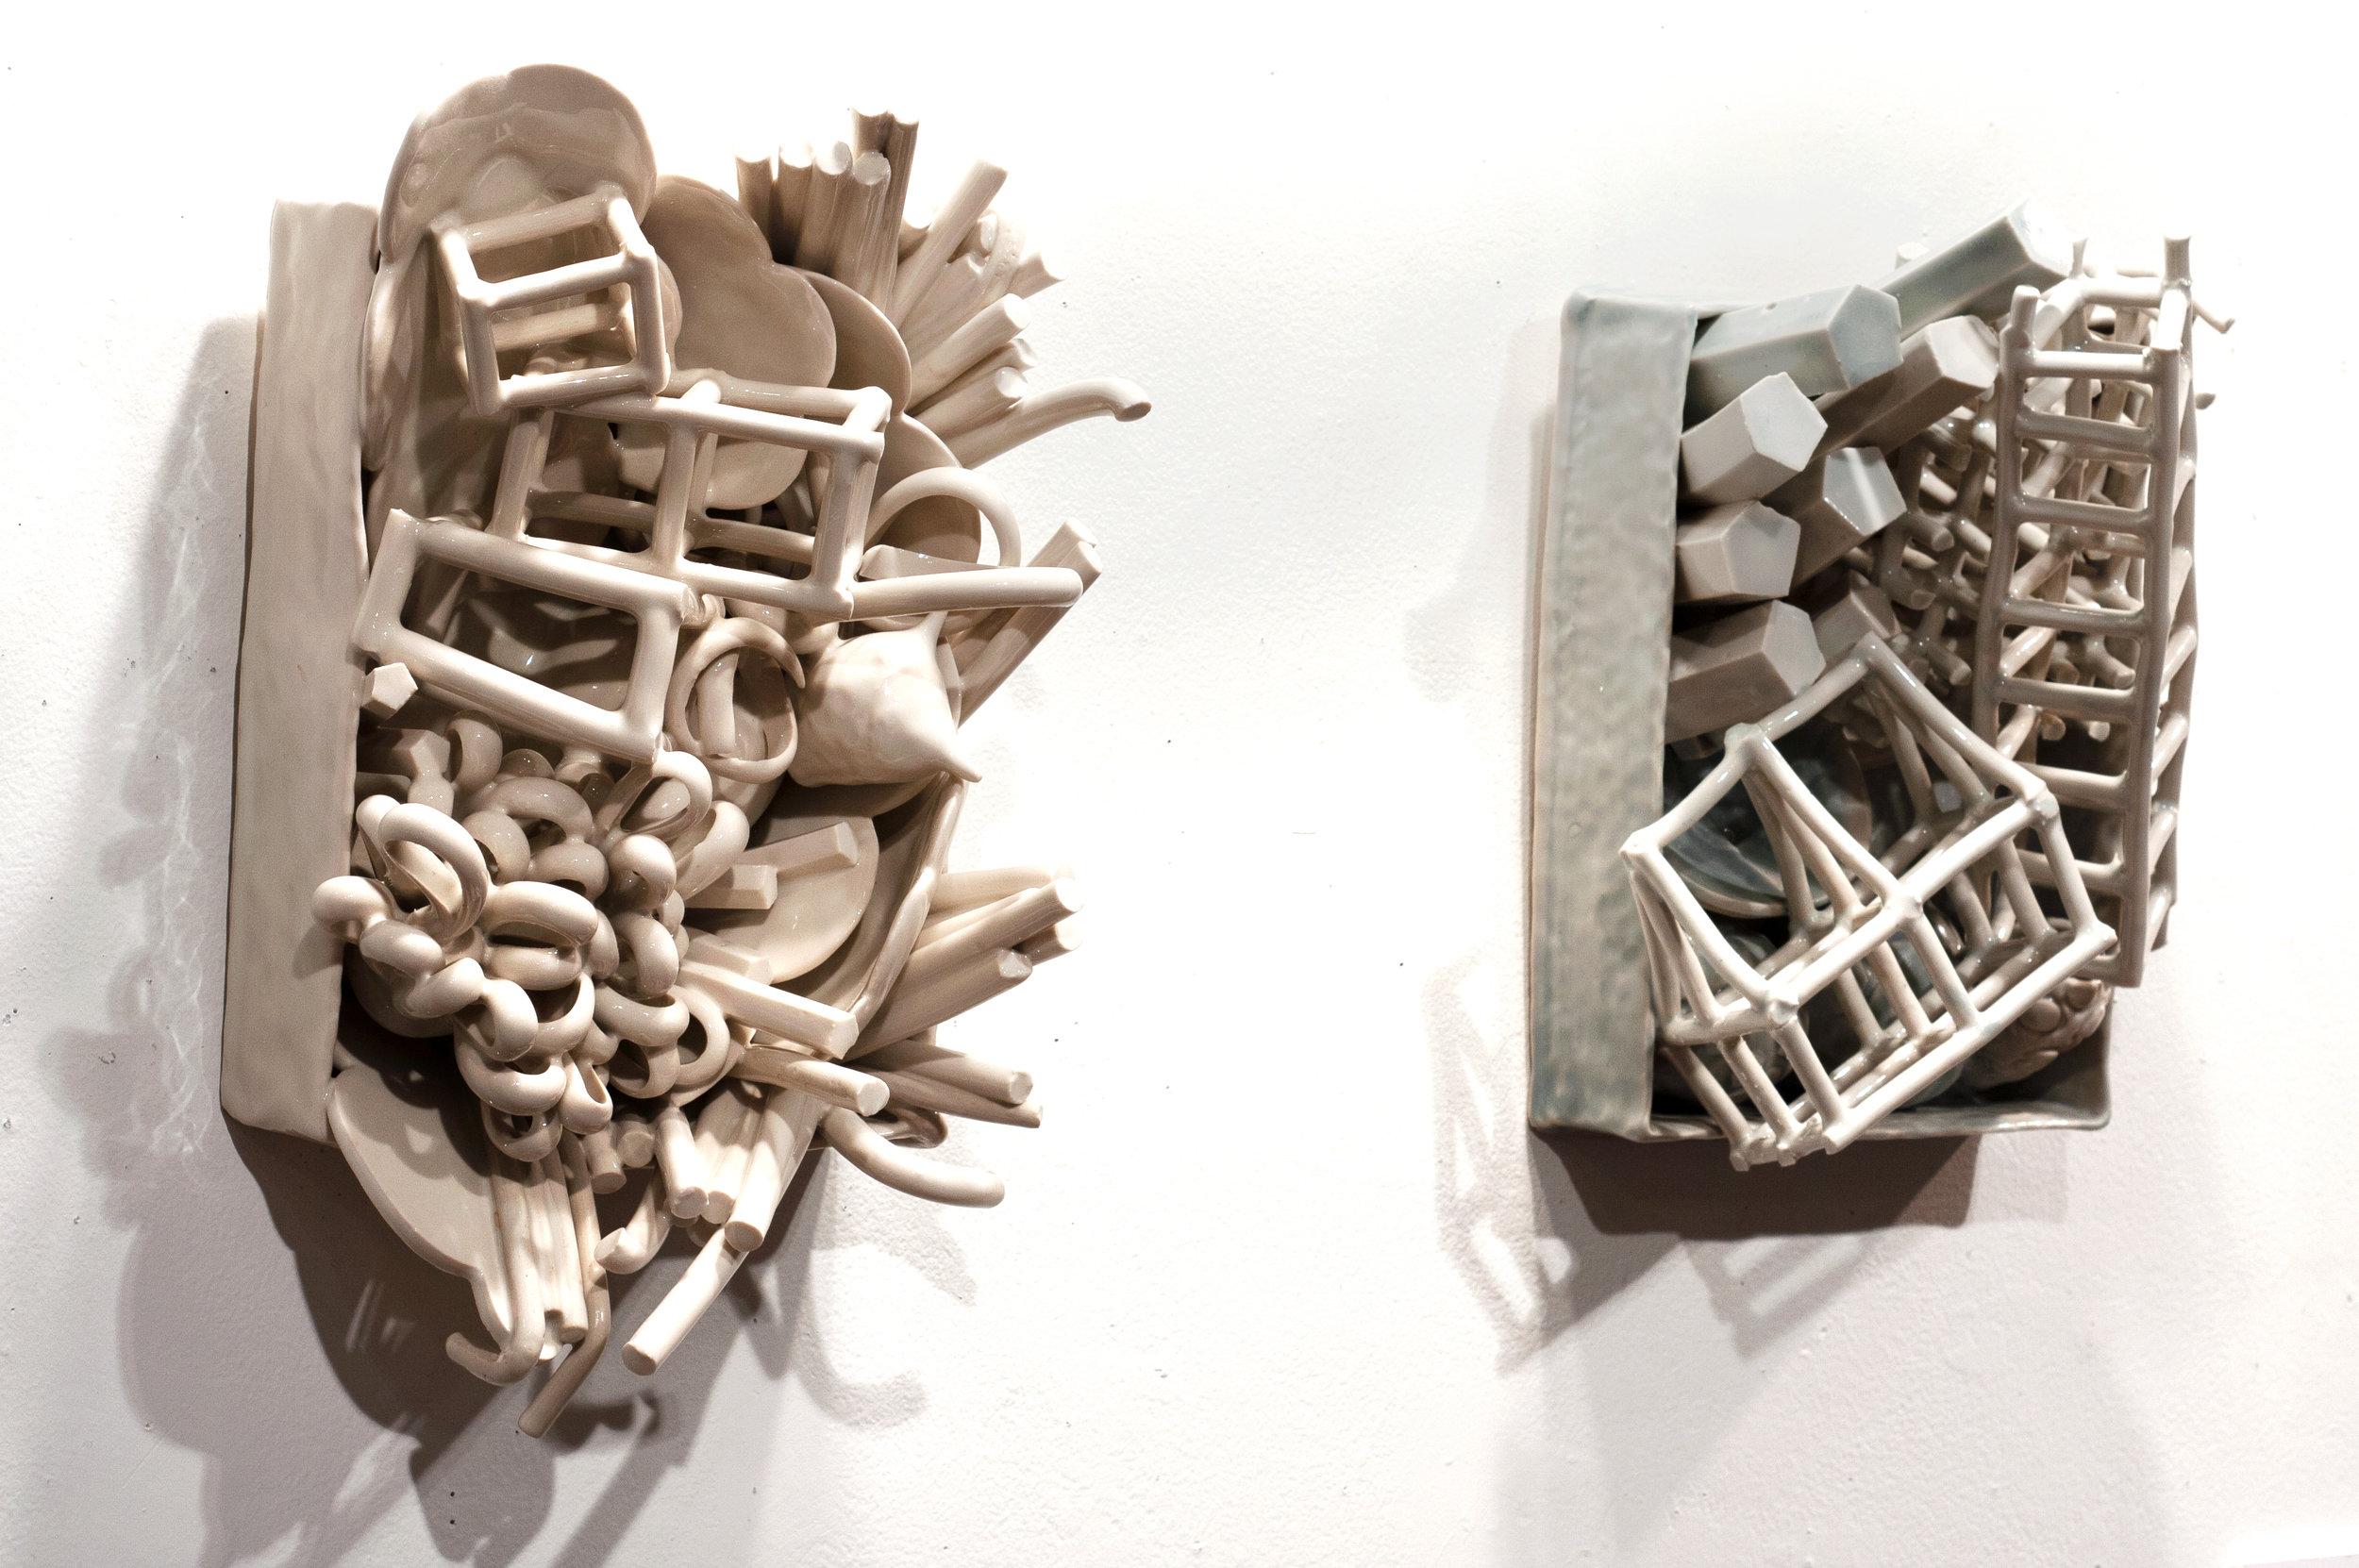 sculpture23.jpg